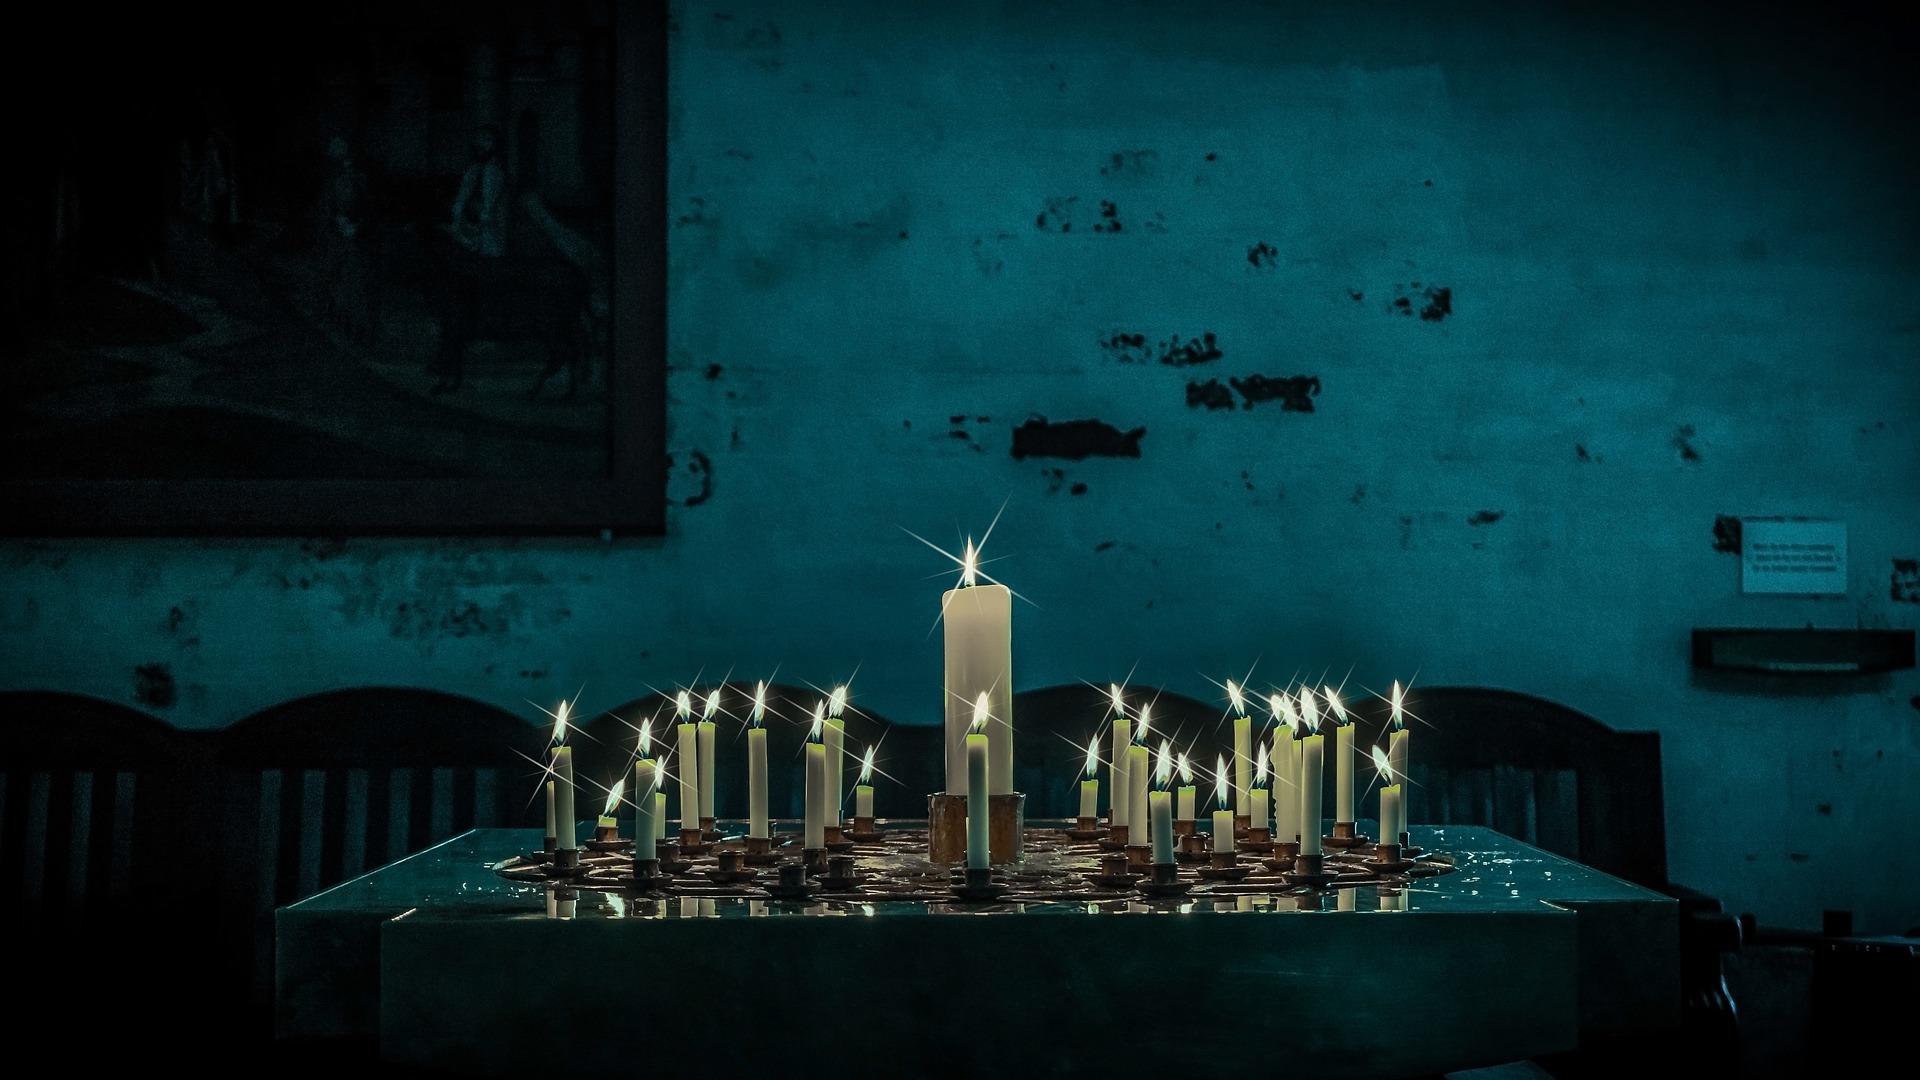 brandende kaarsen in een kerk